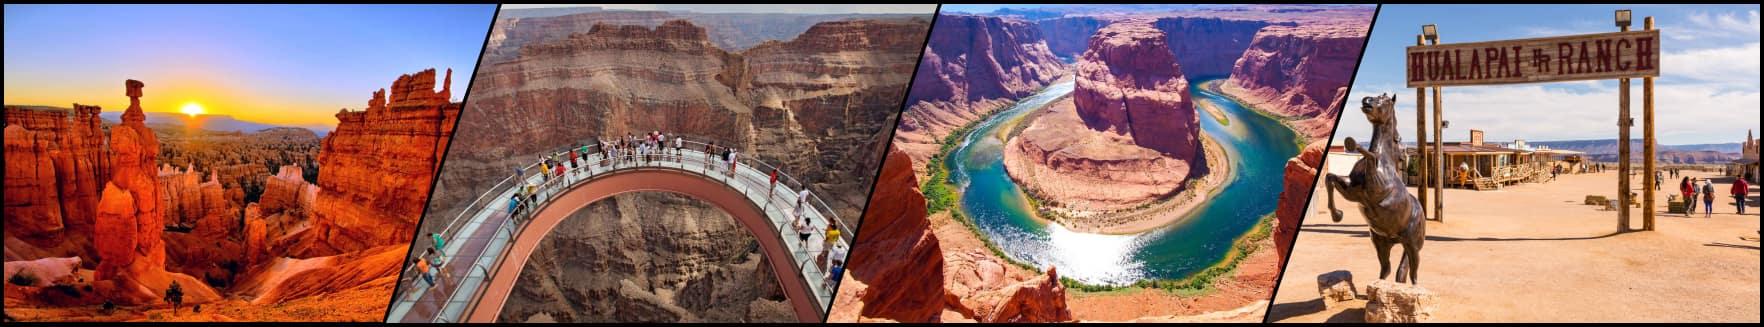 Las Vegas - Grand Canyon